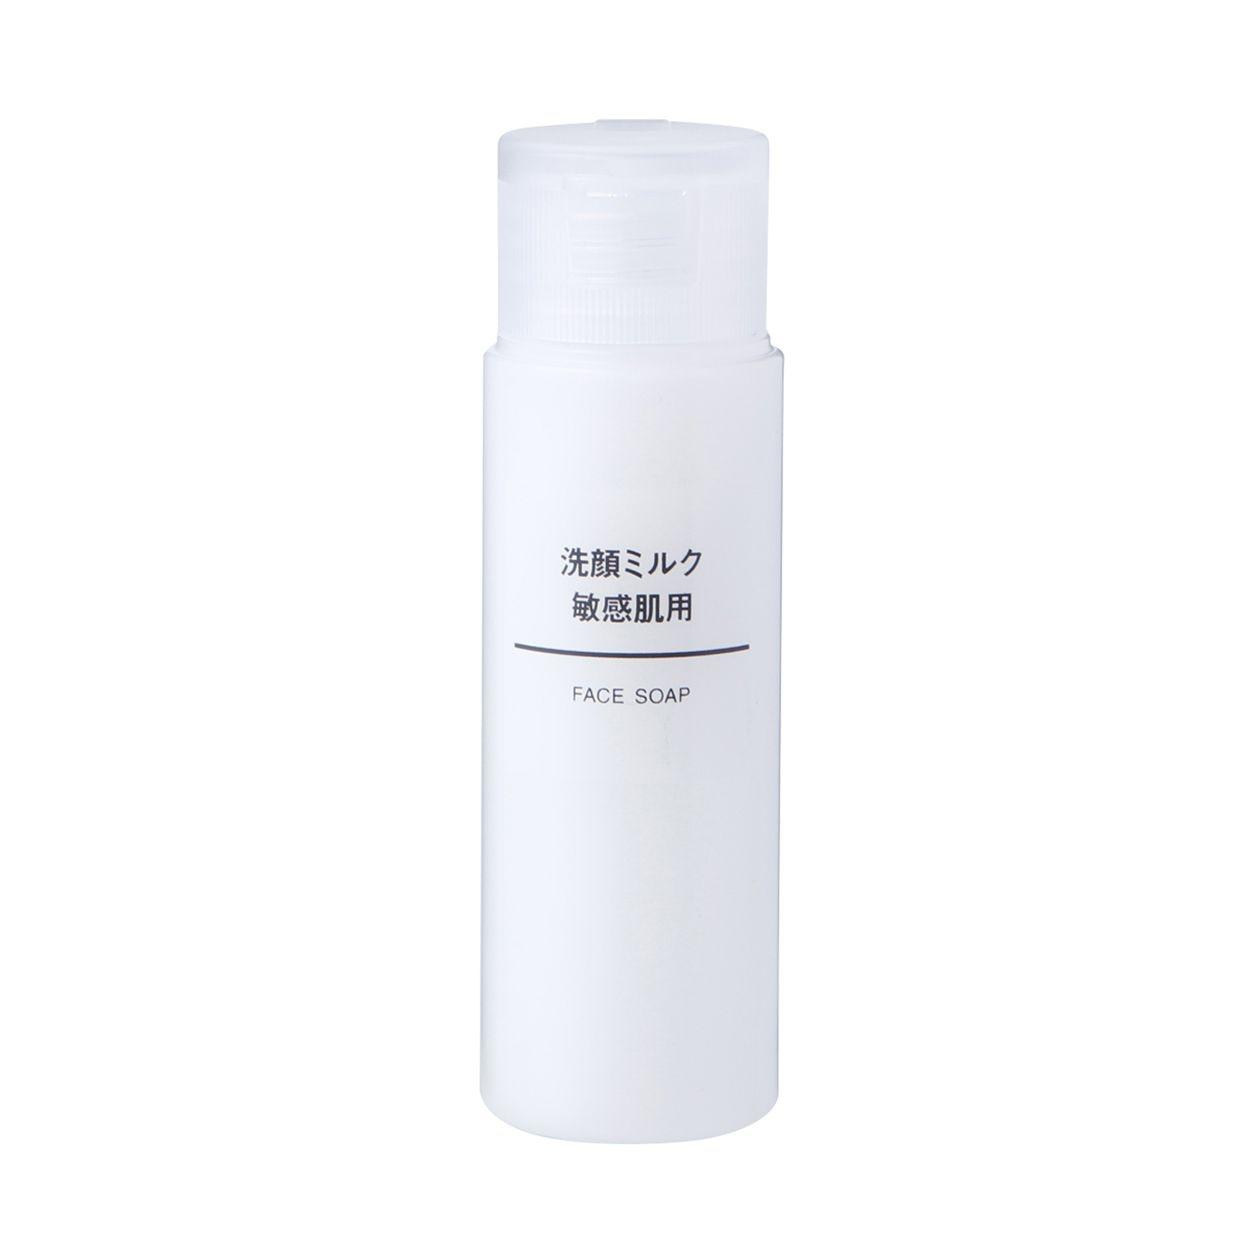 洗顔ミルク・敏感肌用(攜帯用)50ml 通販   無印良品